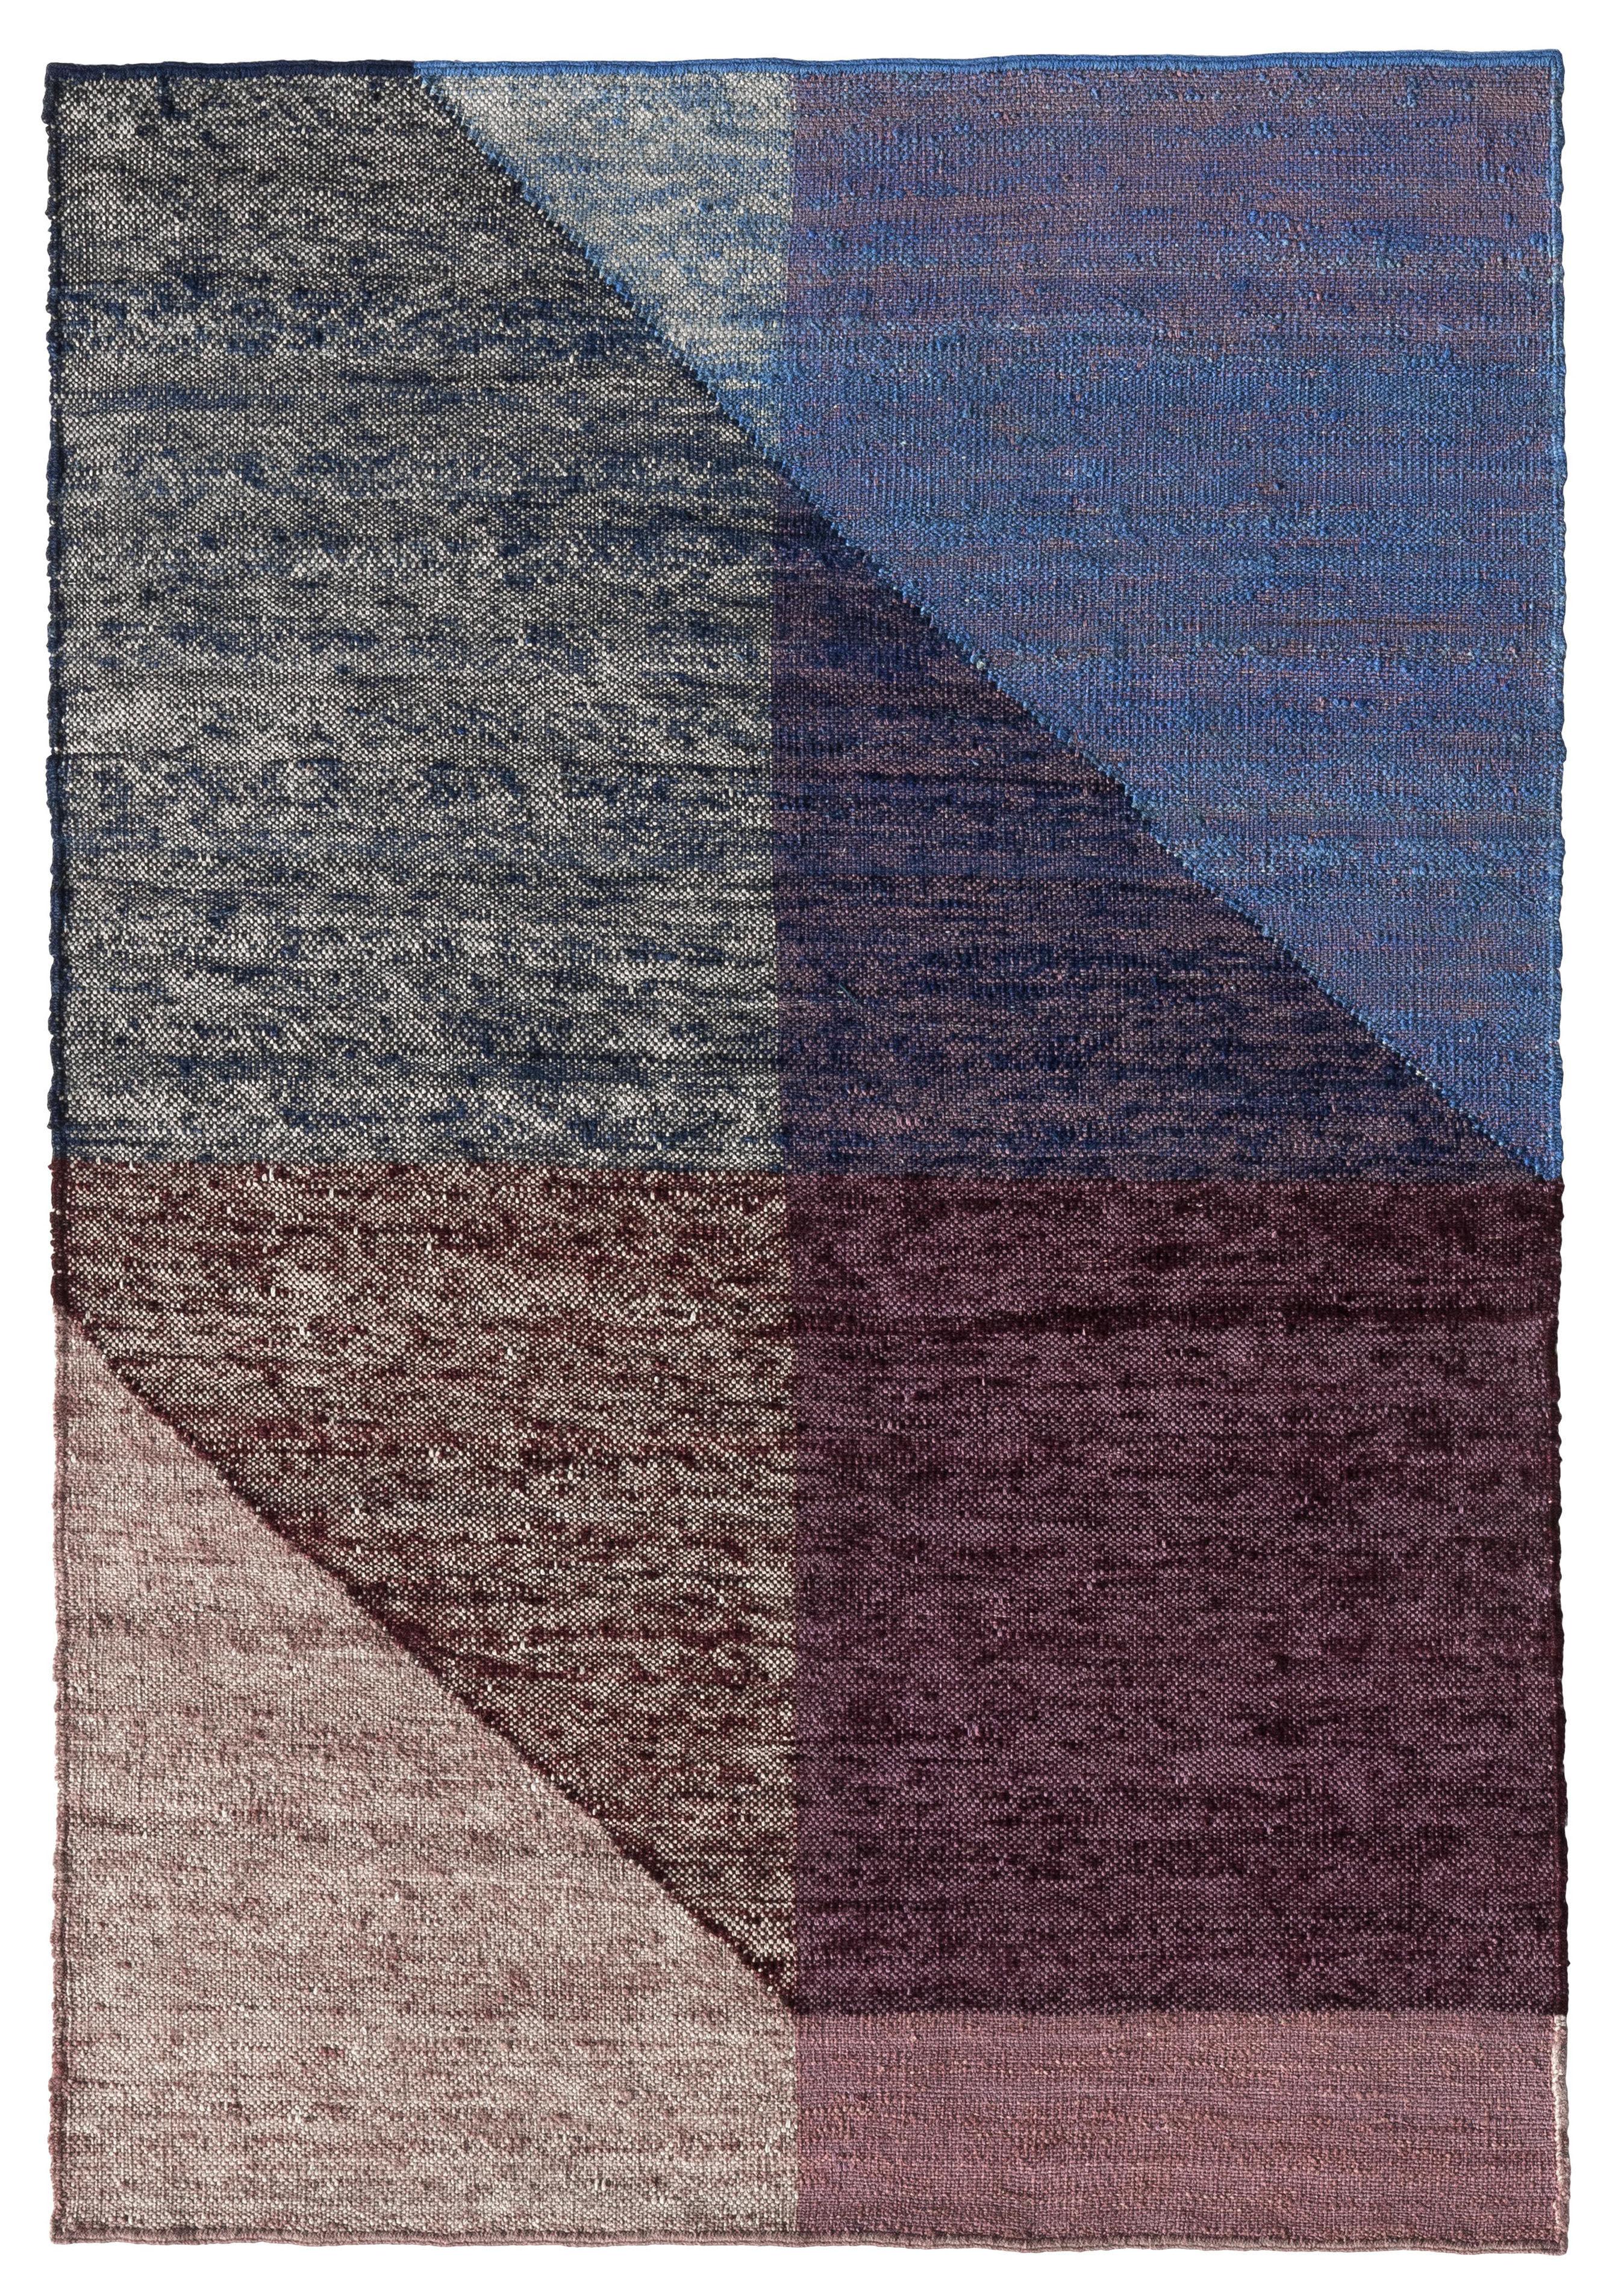 Déco - Tapis - Tapis Capas 3 / 200 x 300 cm - Nanimarquina - Violet & bleu - Laine